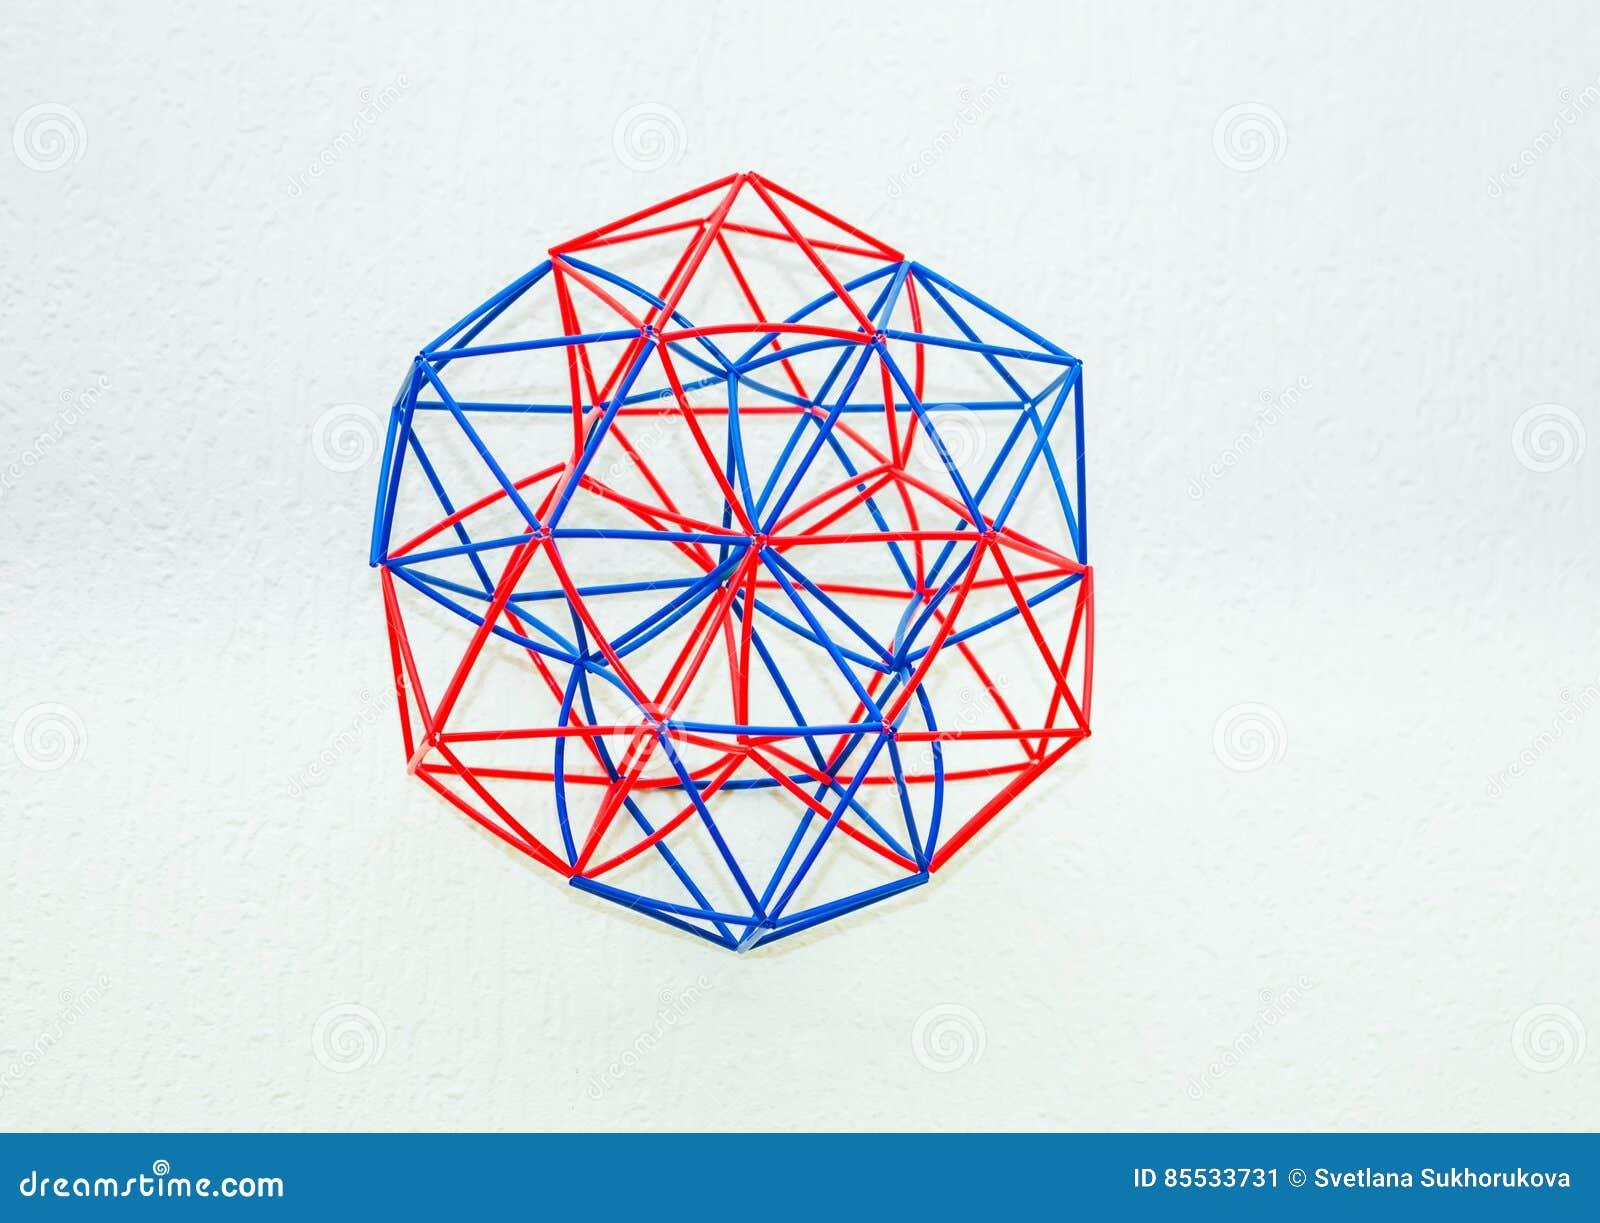 Modèle dimensionnel fait main coloré Of Geometric Solid